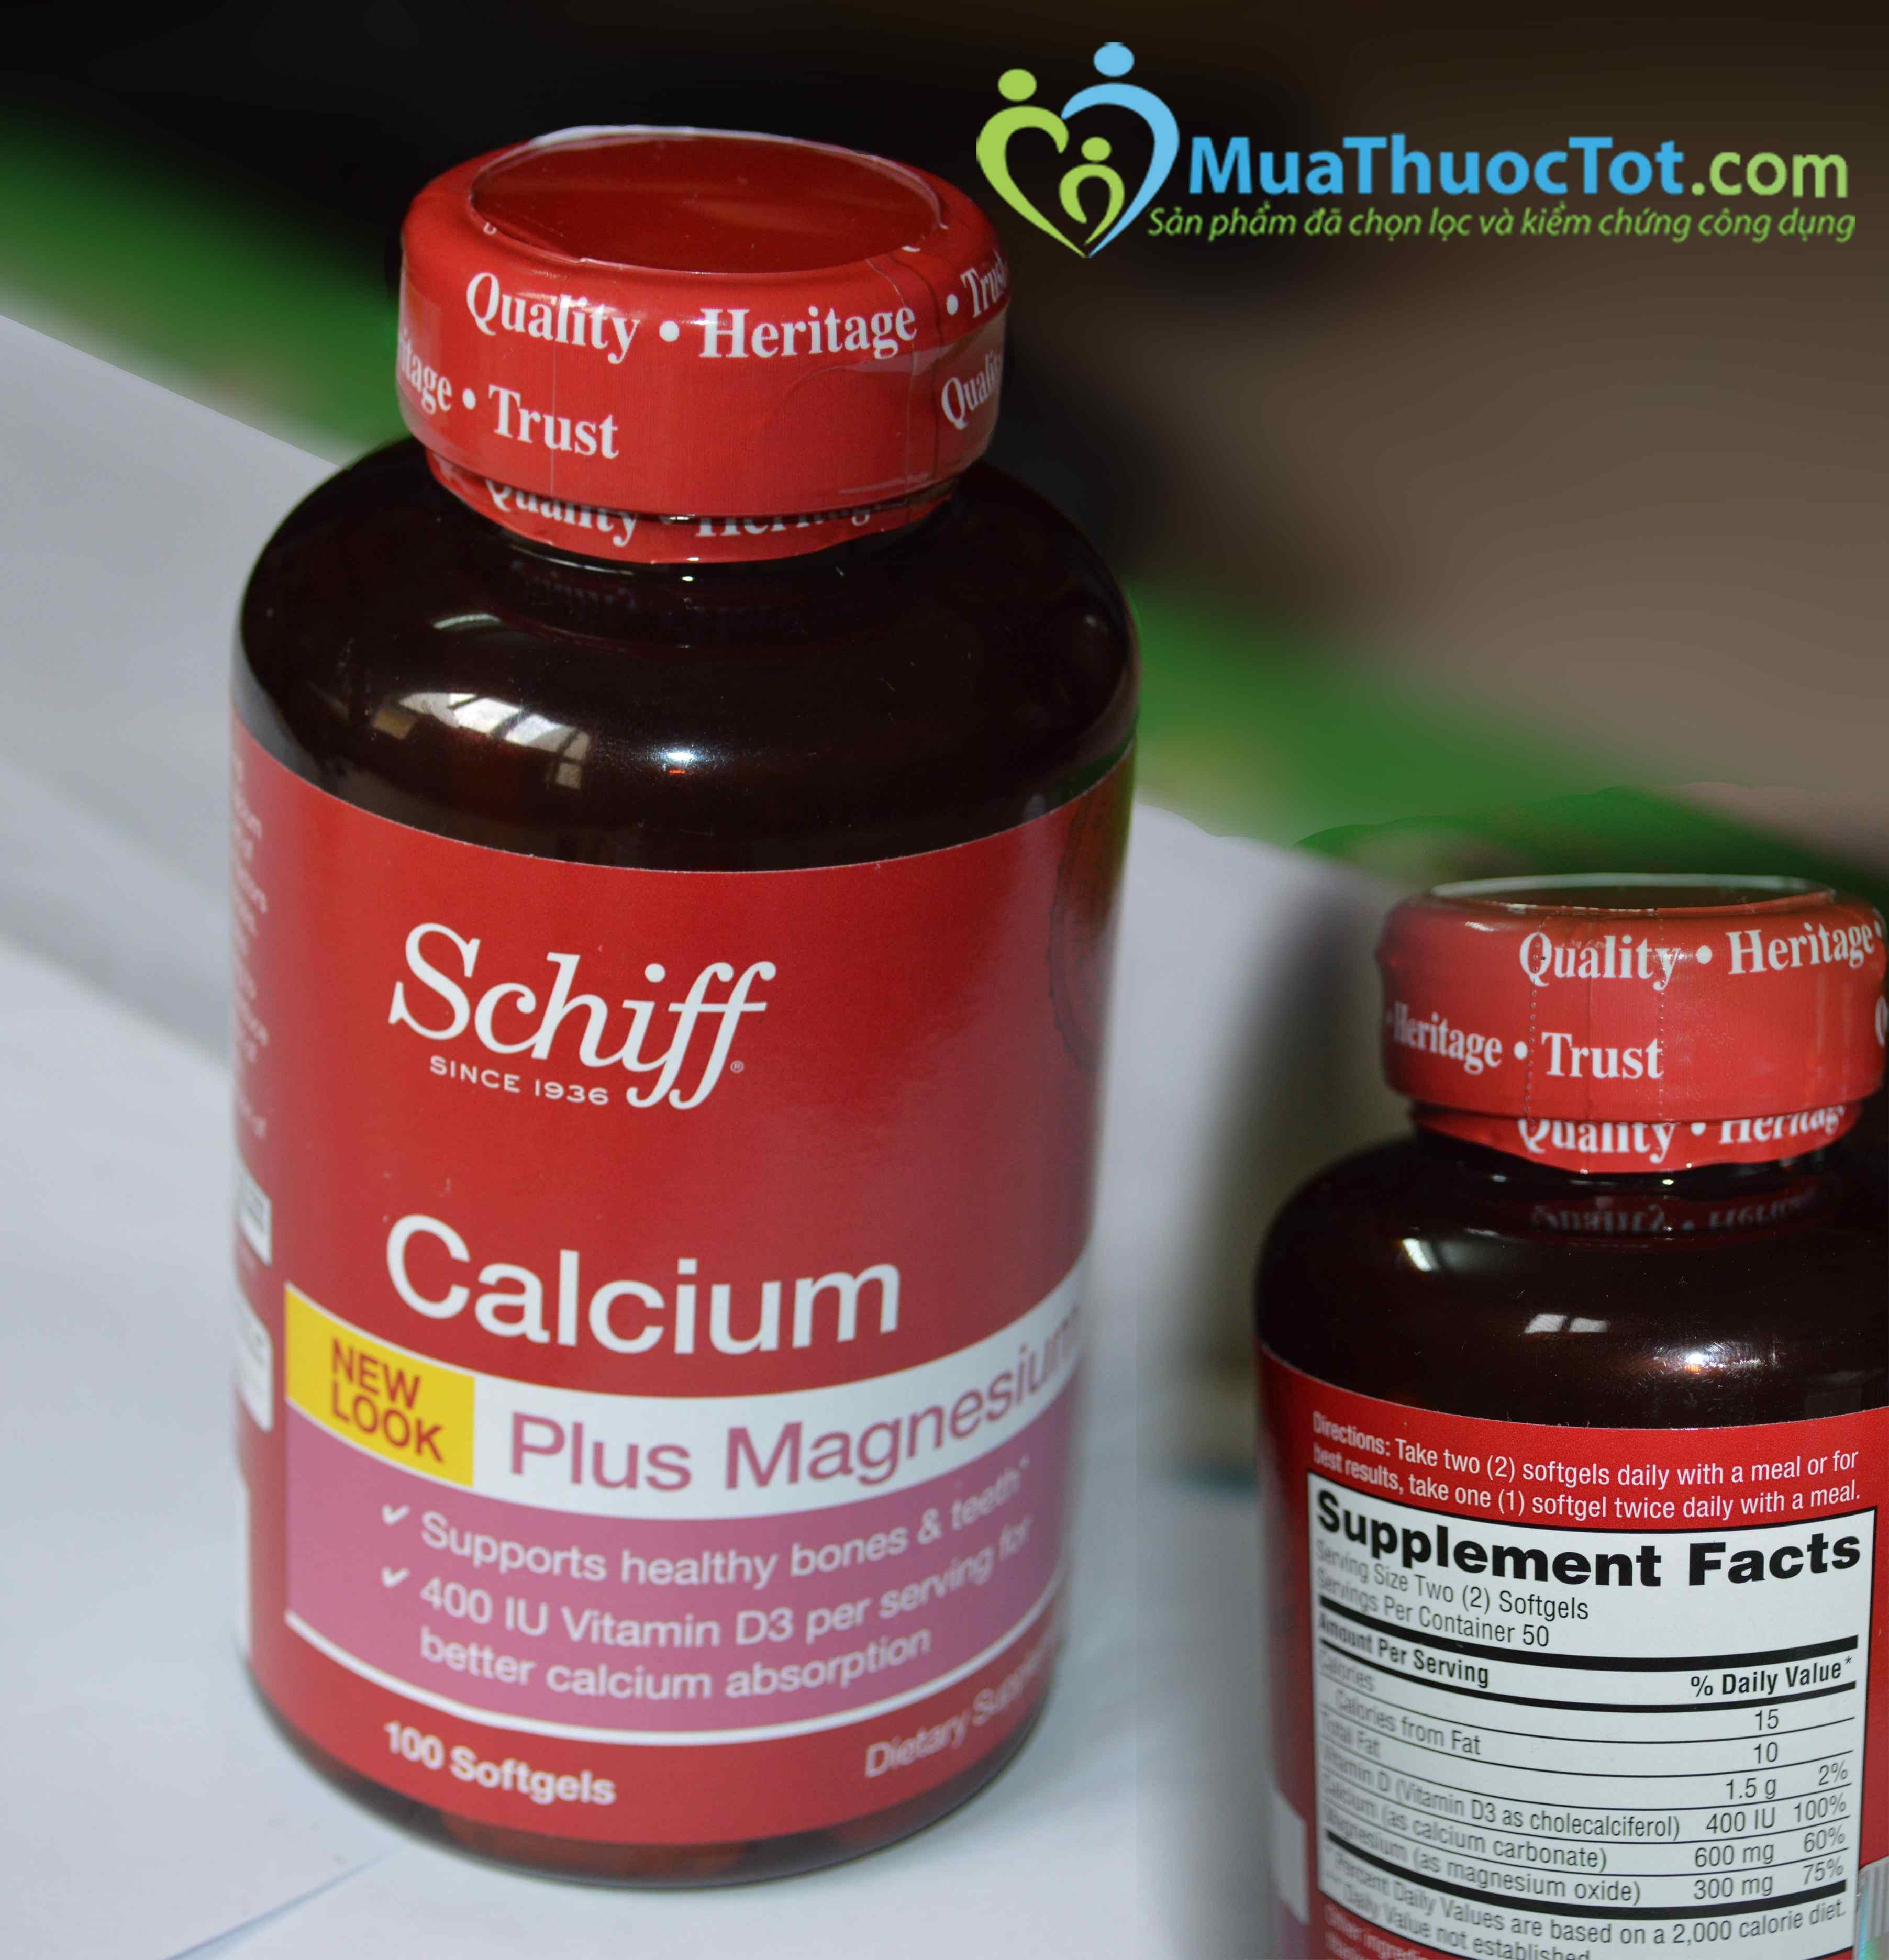 Schiff calcium  chăm sóc toàn diện sức khỏe xương khớp cho mọi gia đình